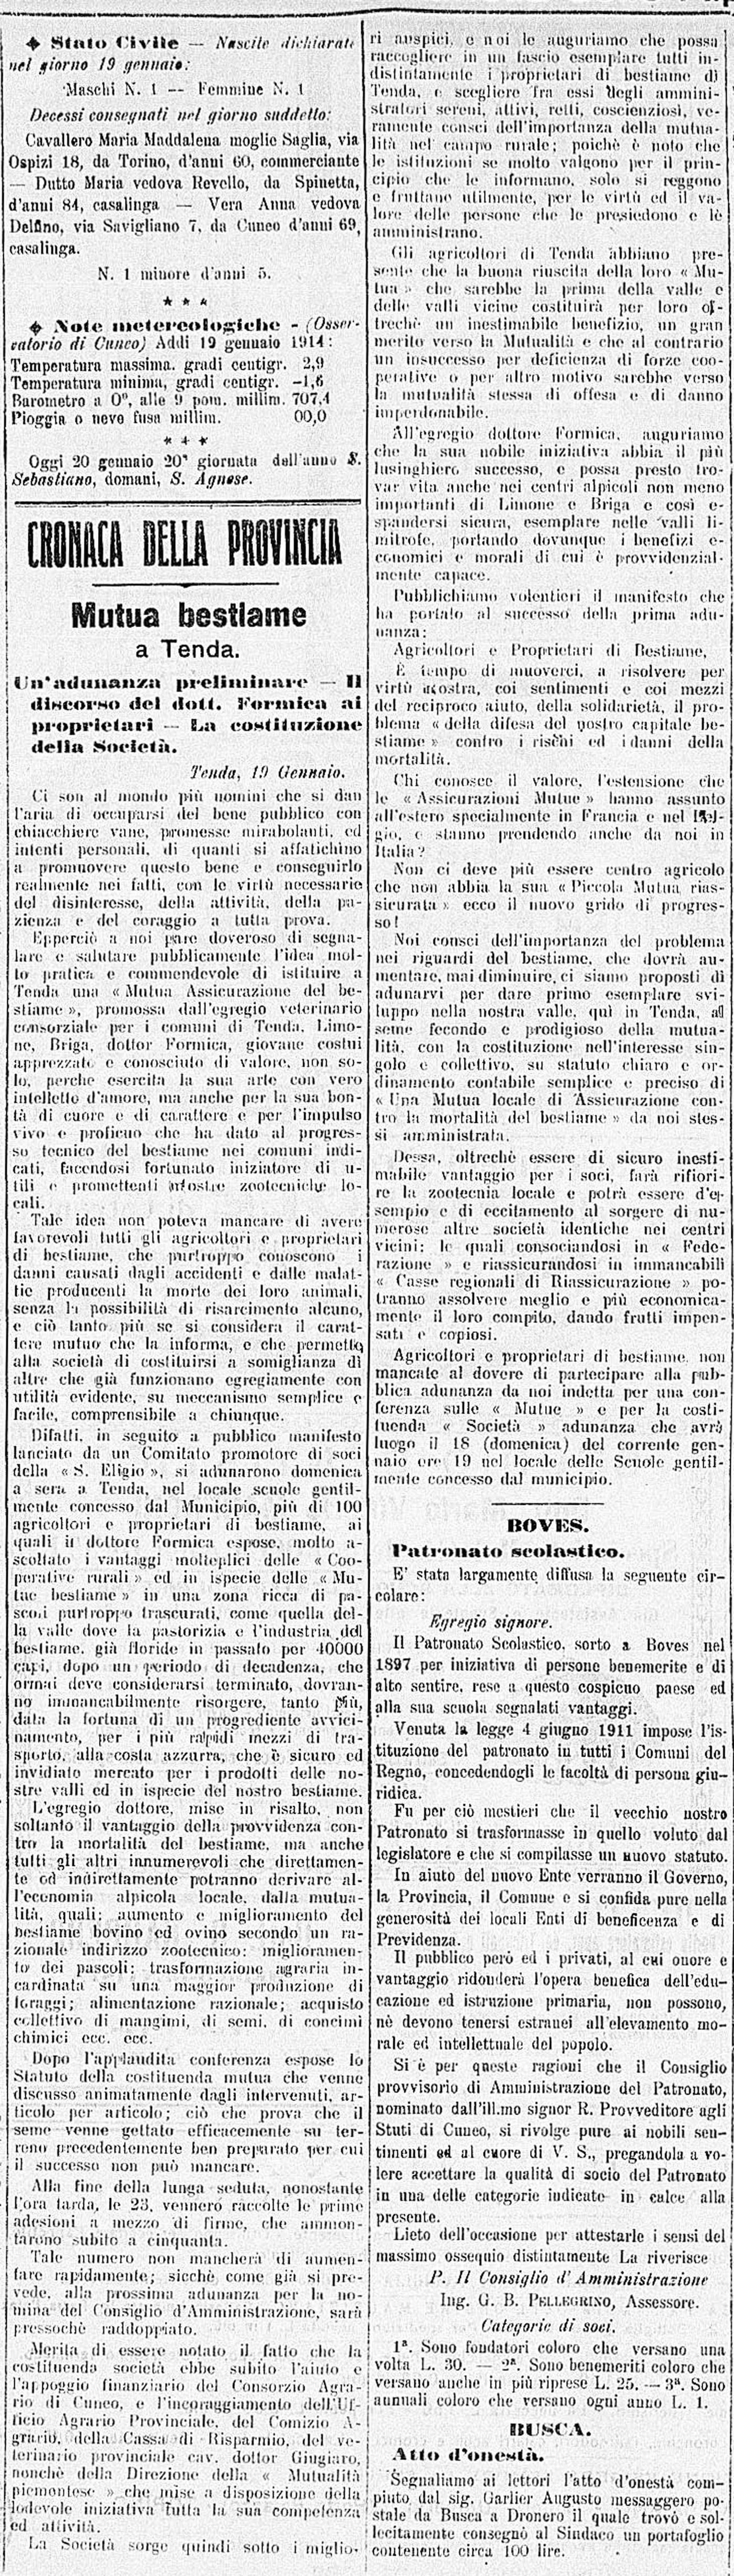 15-1914-3.jpg